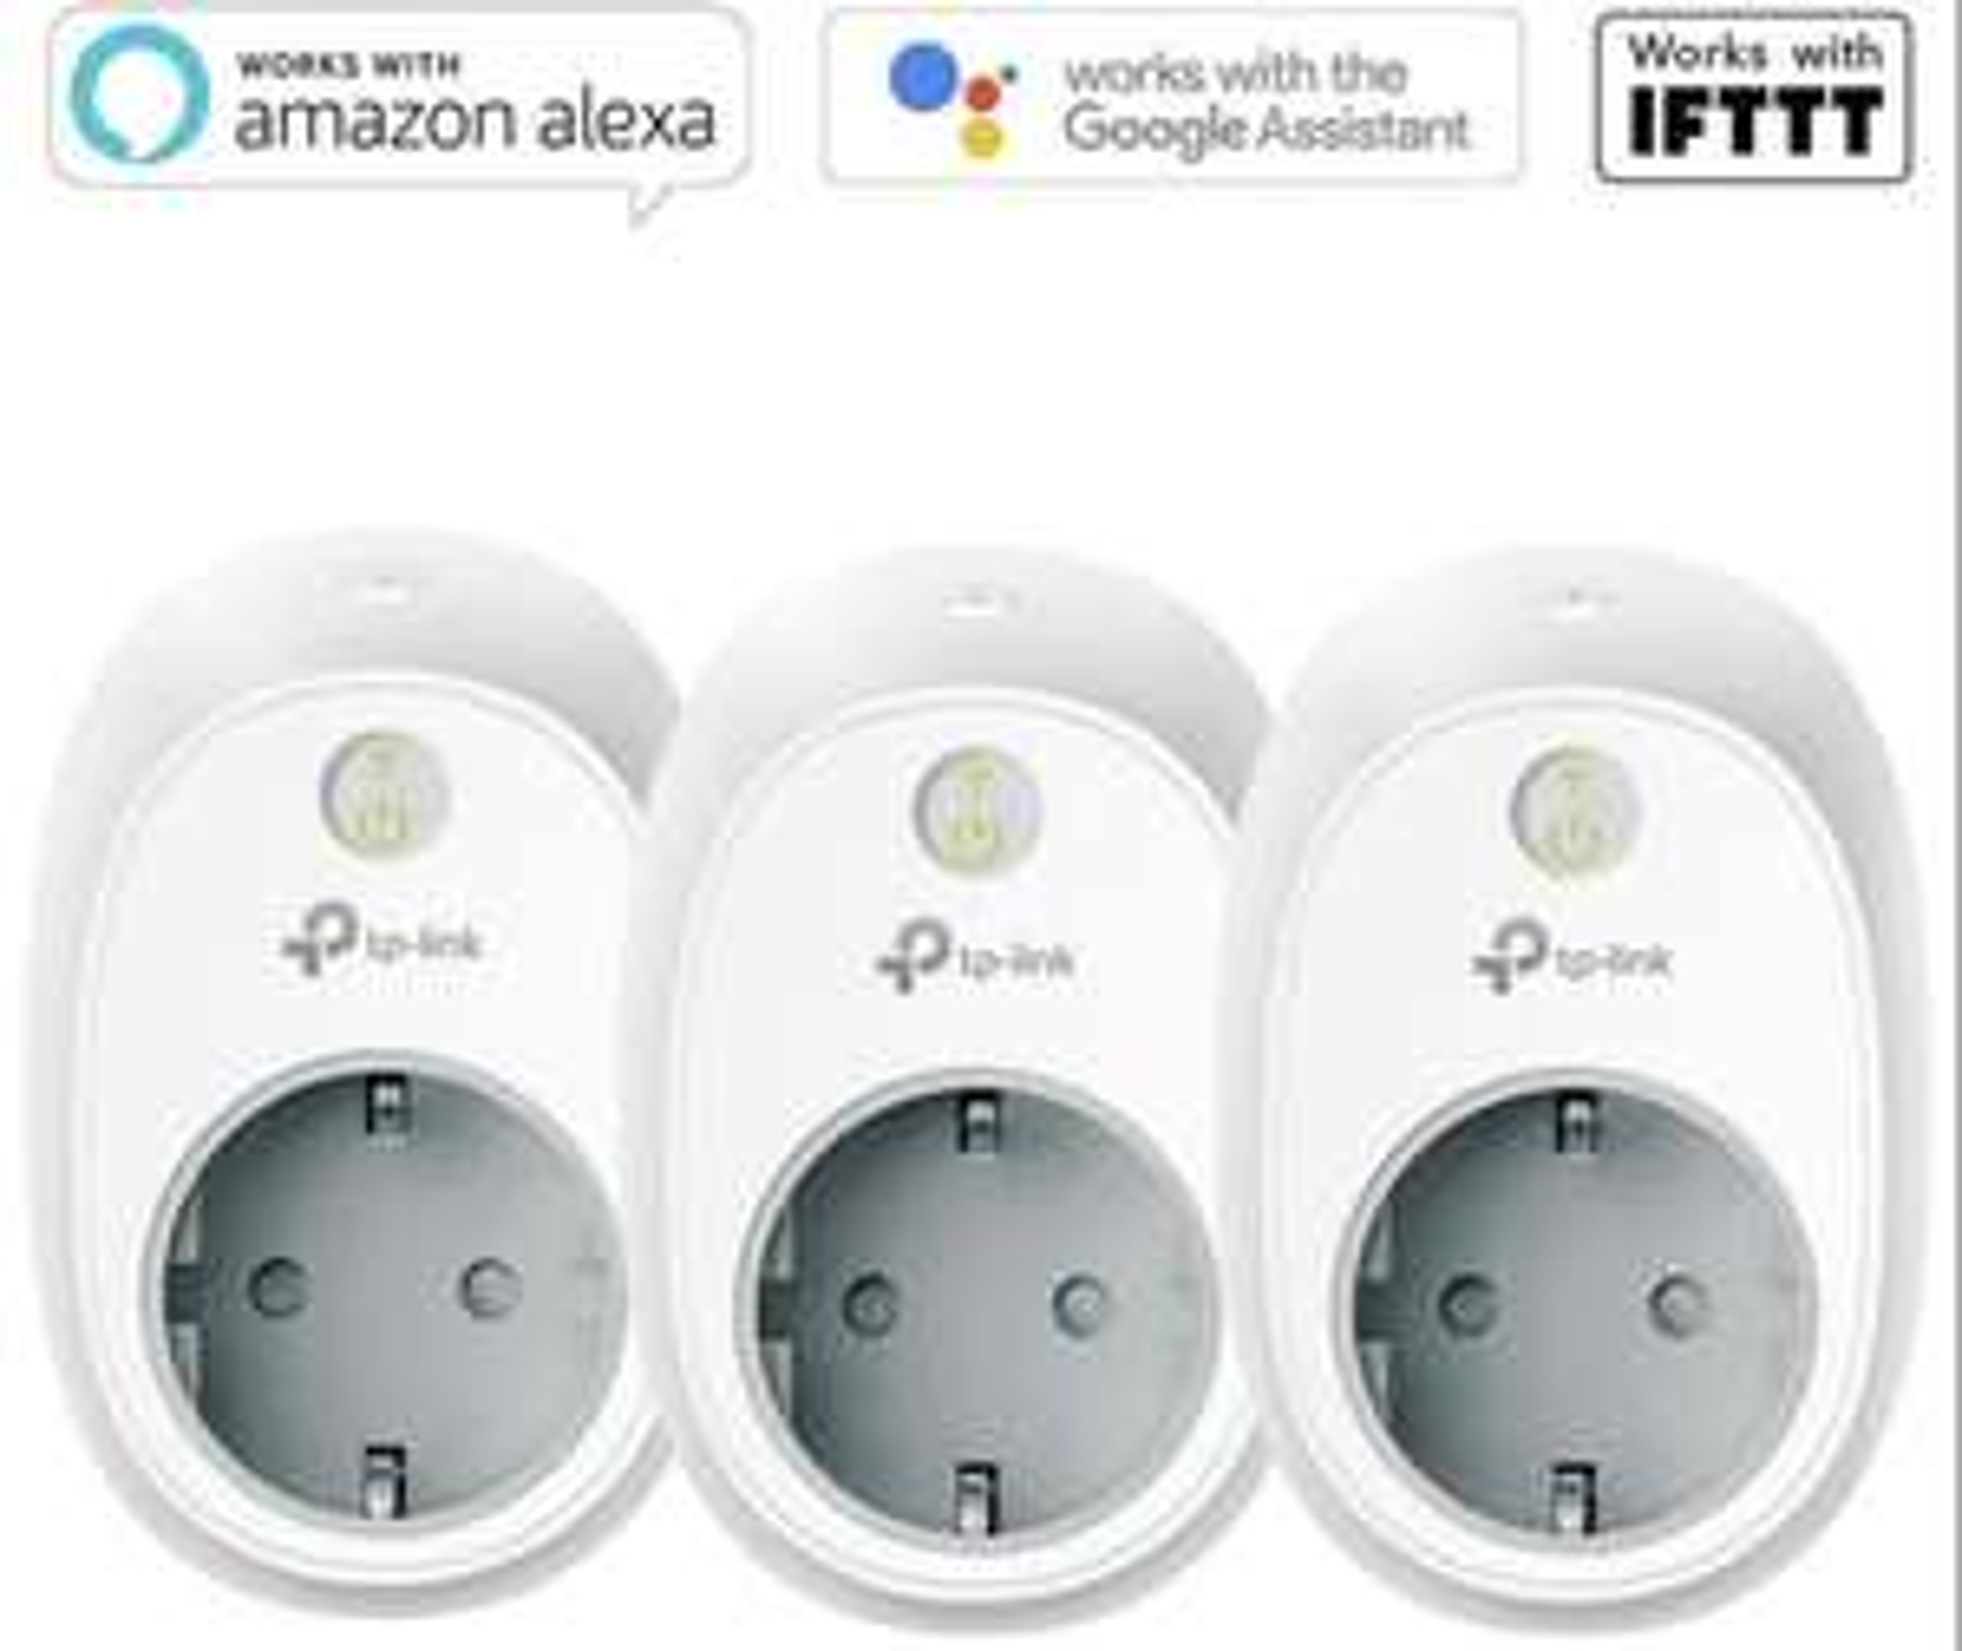 3 Stück TP-Link Kasa HS100 Smart Plug WLAN Steckdose geeignet für Alexa Google Home usw. für 35,99€ inkl. Versandkosten mit Visa